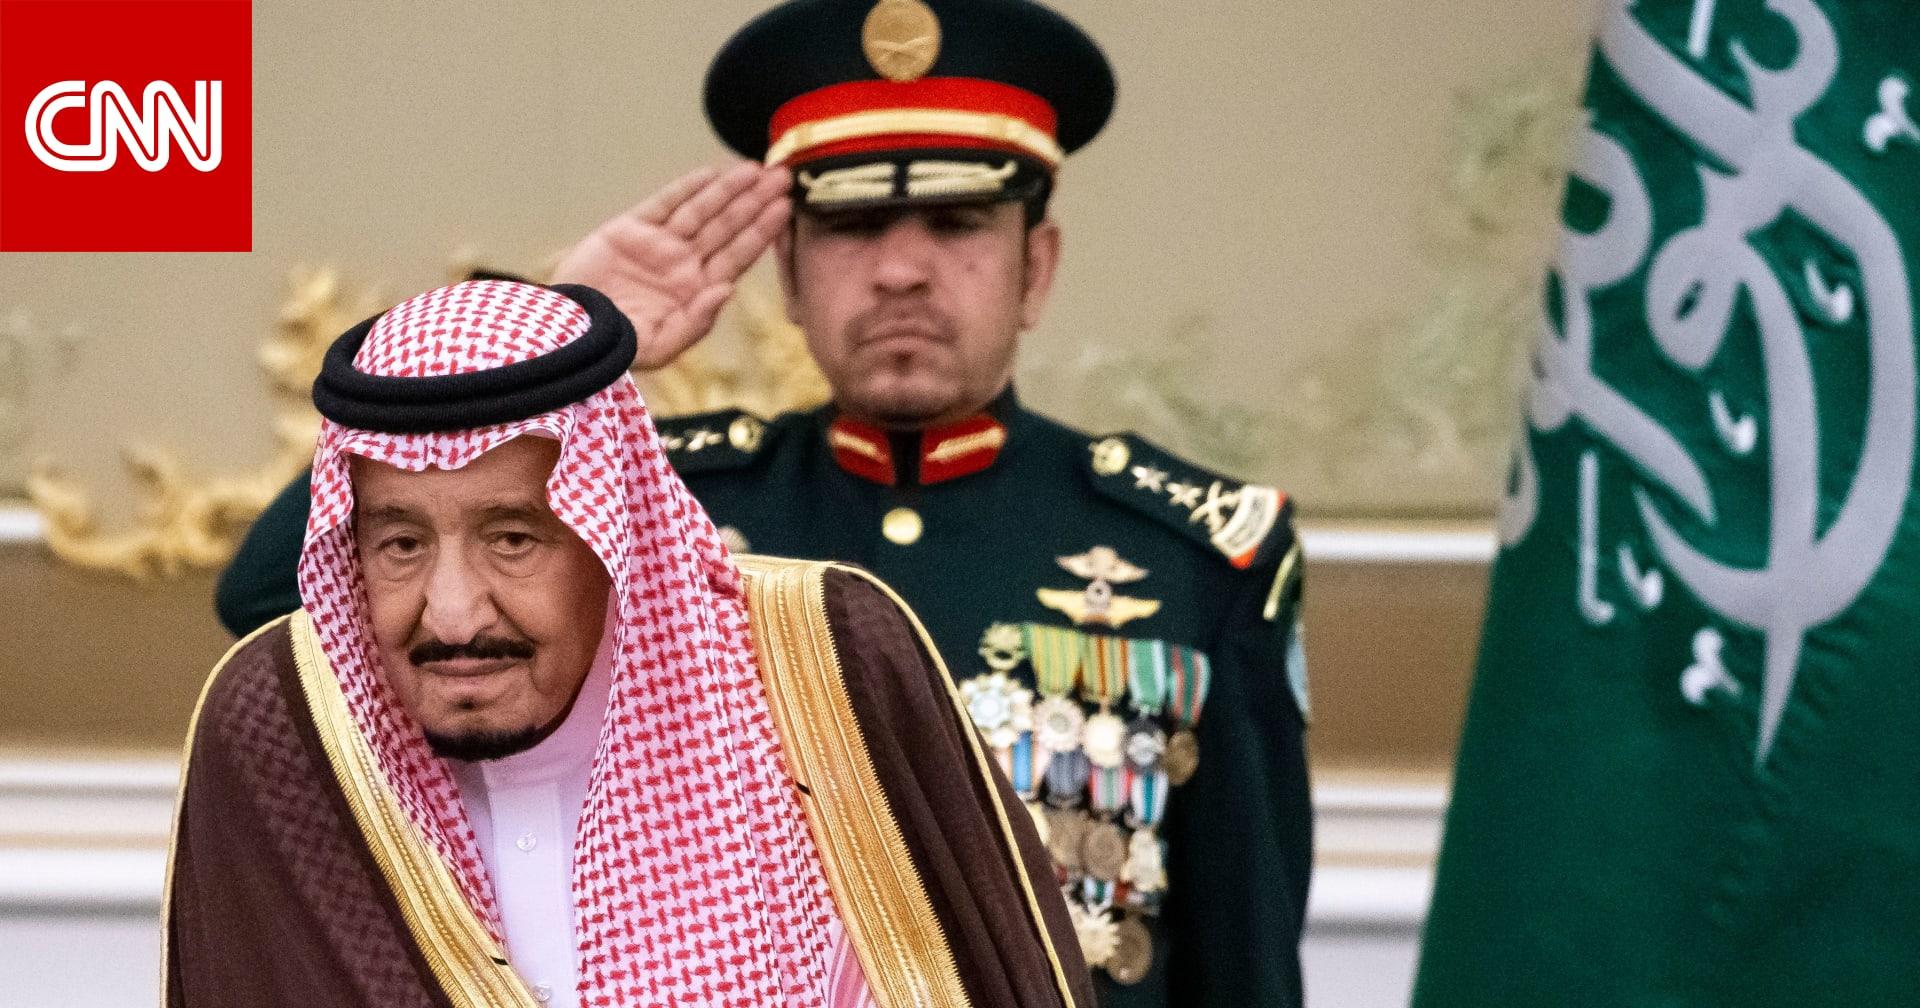 العاهل السعودي يوجه بتمديد إقامة الوافدين خارج المملكة آليا دون رسوم